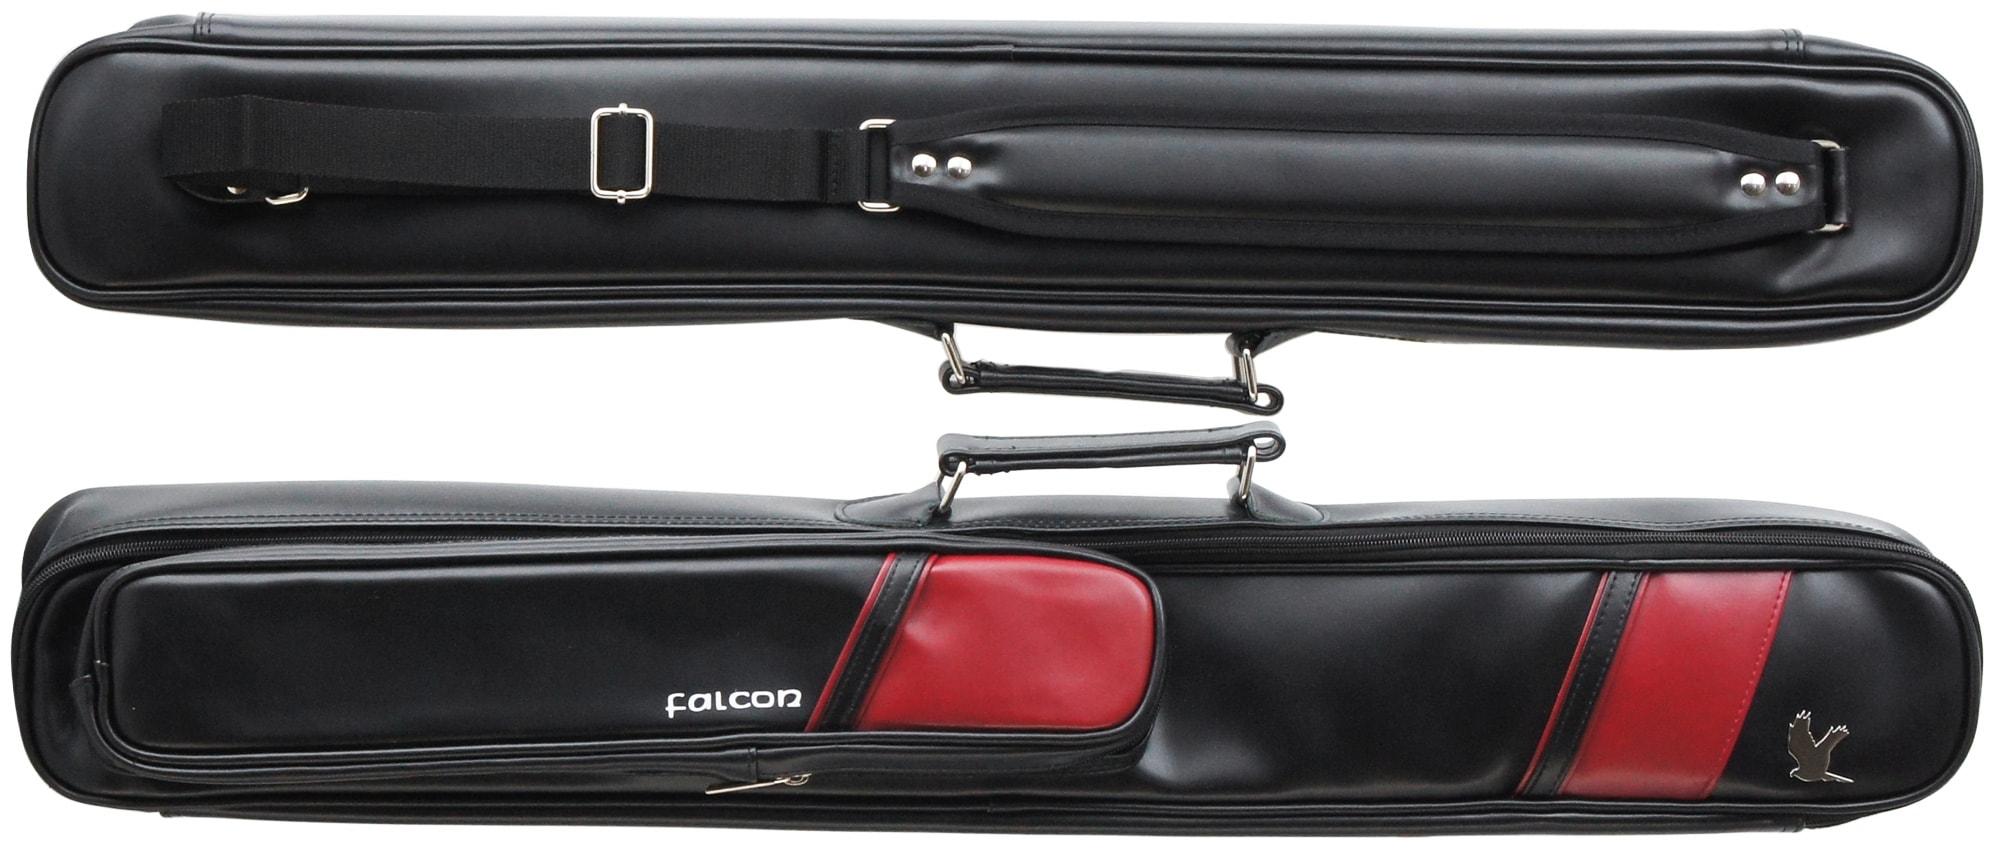 ファルコン ソフトキューケースfsc-12r レッド 2b4s 商品画像